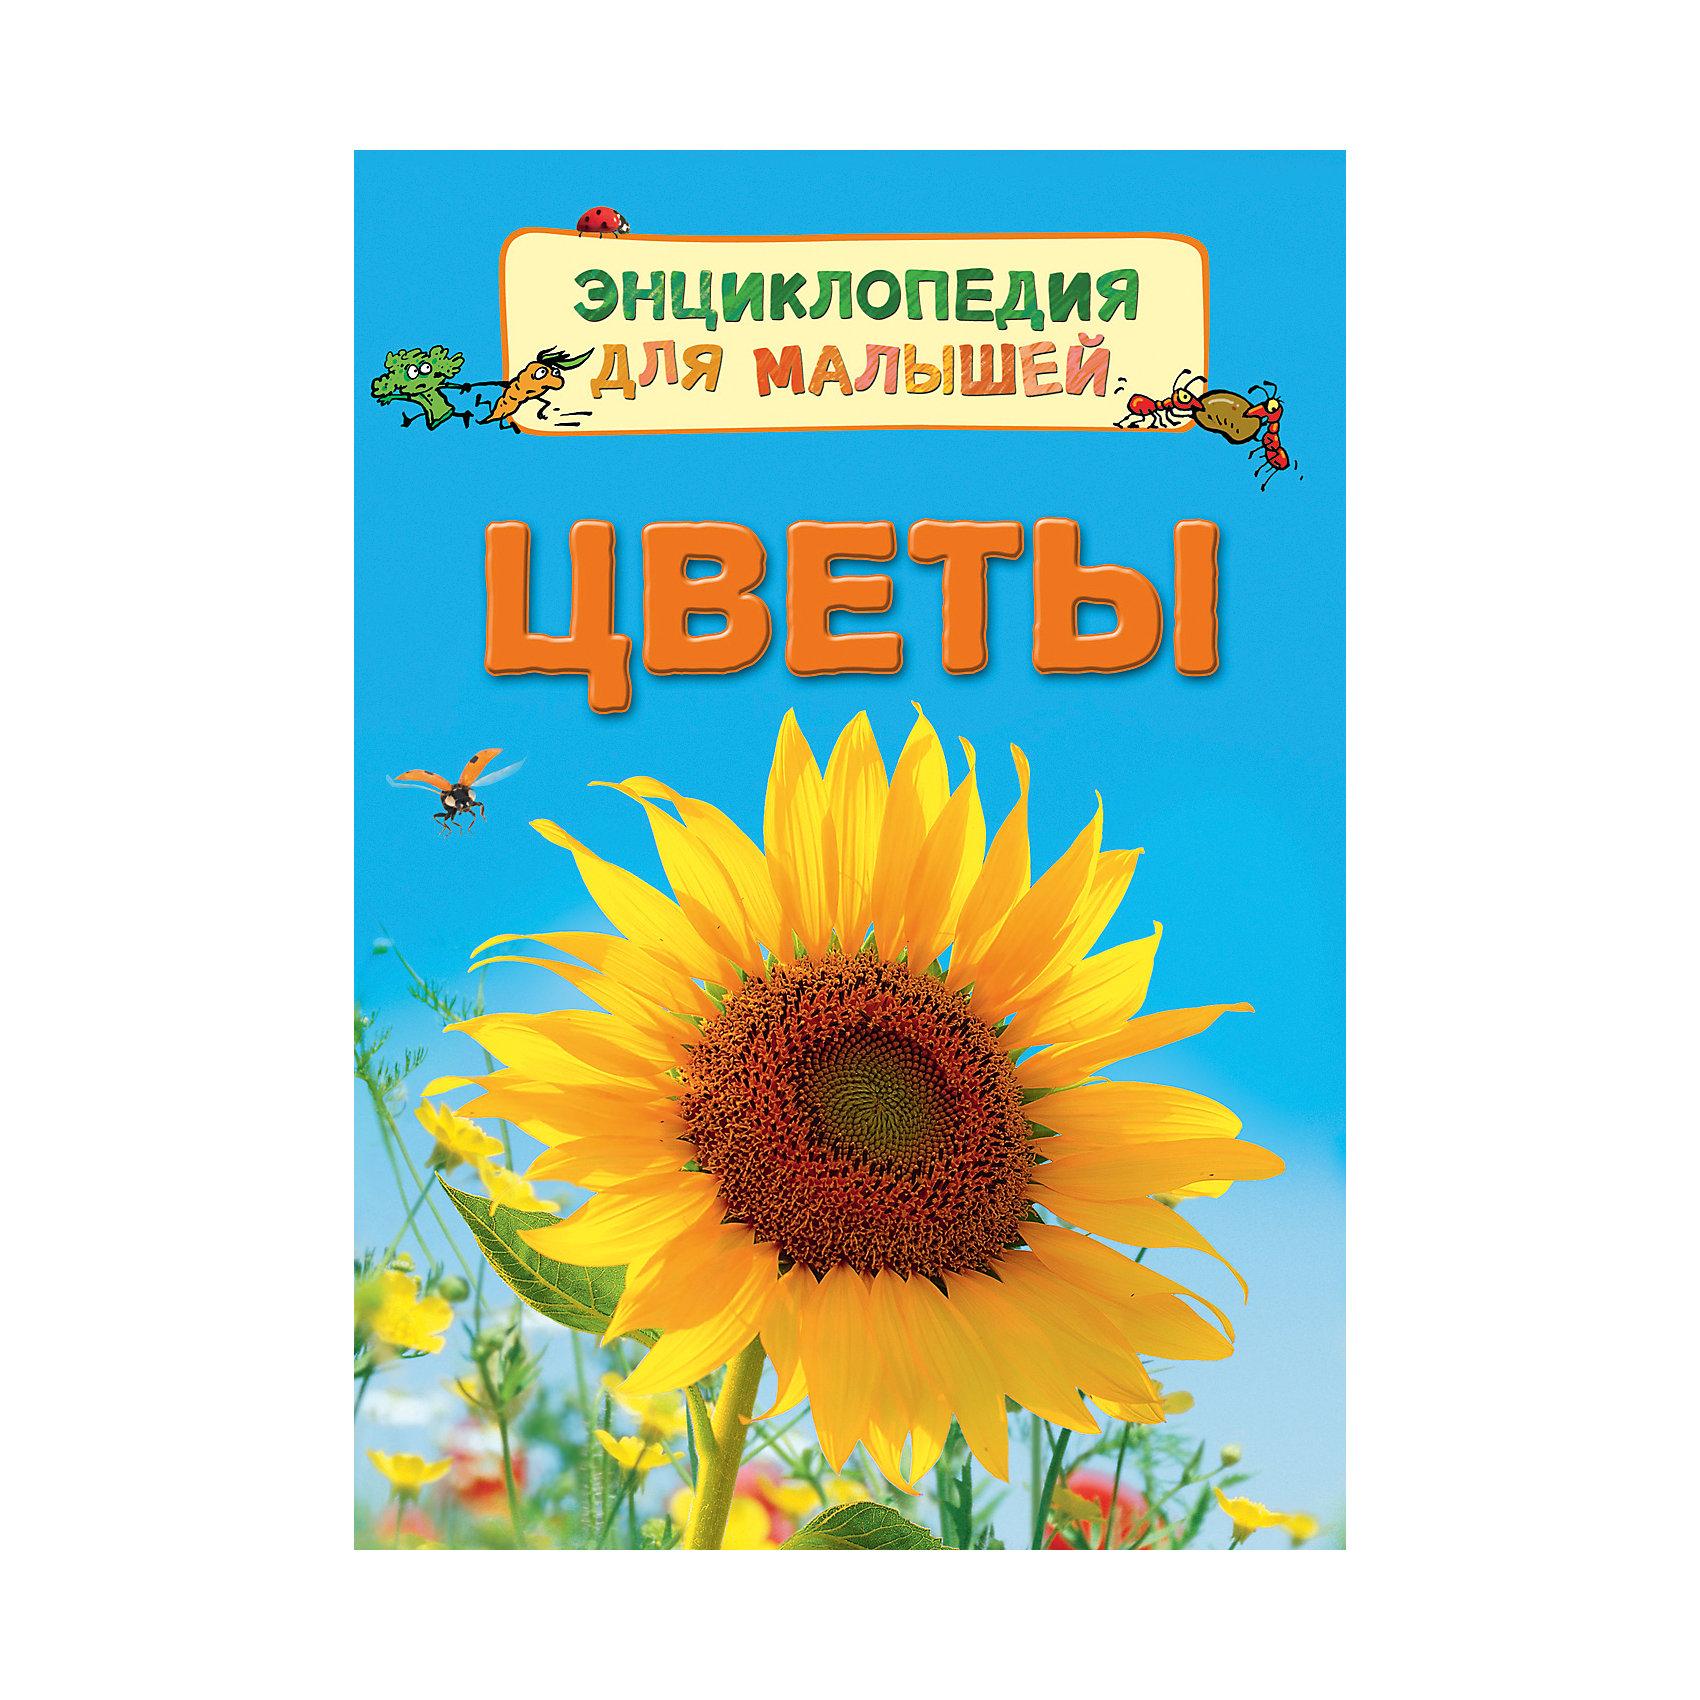 Энциклопедия для малышей ЦветыЭнциклопедии для малышей<br>Характеристики:<br>• количество страниц: 32;<br>• иллюстрации: цветные;<br>• переплёт: твёрдый;<br>• формат: 22х16х5х0,7 см;<br>• вес: 178 грамм;<br>• ISBN: 9785353080220.<br><br>Энциклопедия «Цветы» содержит полезную информацию об особенностях жизни цветов. Ребенок узнает о способах опыления, о строении цветов, об уходе за растениями и о многом другом.<br><br>Повествование сопровождается красочными рисунками и фотографиями.<br><br>Изучение энциклопедии поможет развить память и расширить кругозор.<br><br>Энциклопедию для малышей Цветы, Rosman (Росмэн) можно купить в нашем интернет-магазине.<br><br>Ширина мм: 220<br>Глубина мм: 167<br>Высота мм: 70<br>Вес г: 190<br>Возраст от месяцев: 36<br>Возраст до месяцев: 2147483647<br>Пол: Унисекс<br>Возраст: Детский<br>SKU: 5453592